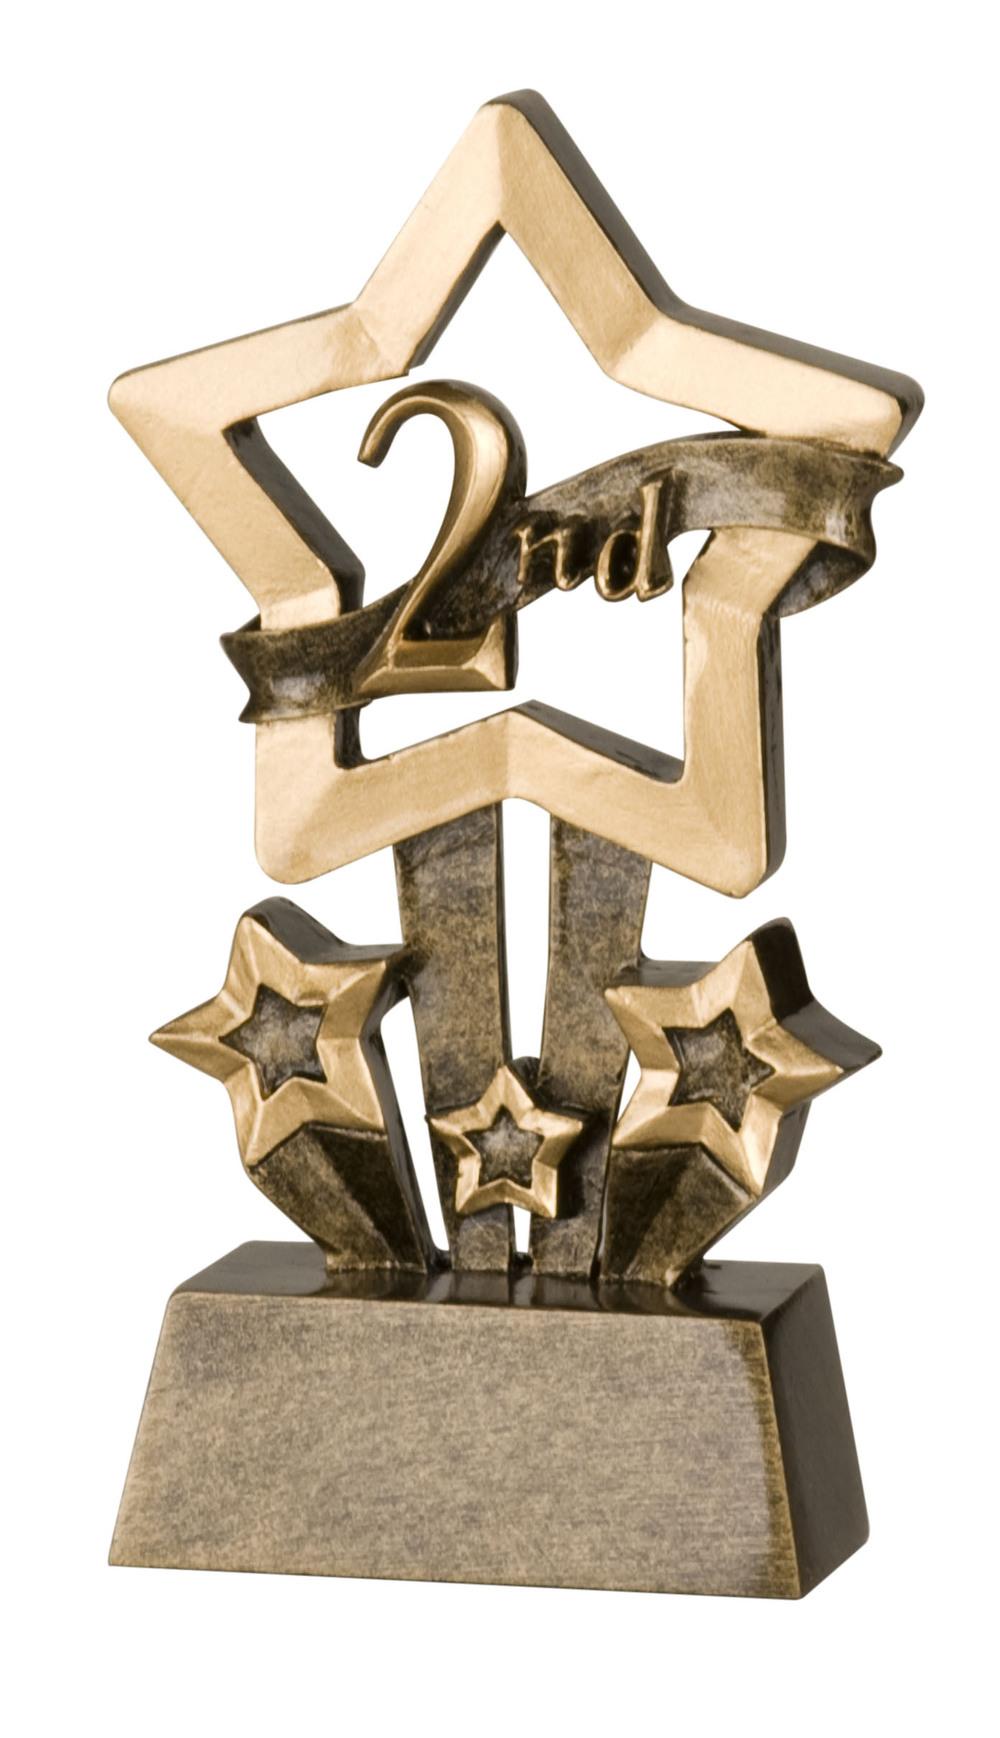 2nd Place - STR-02